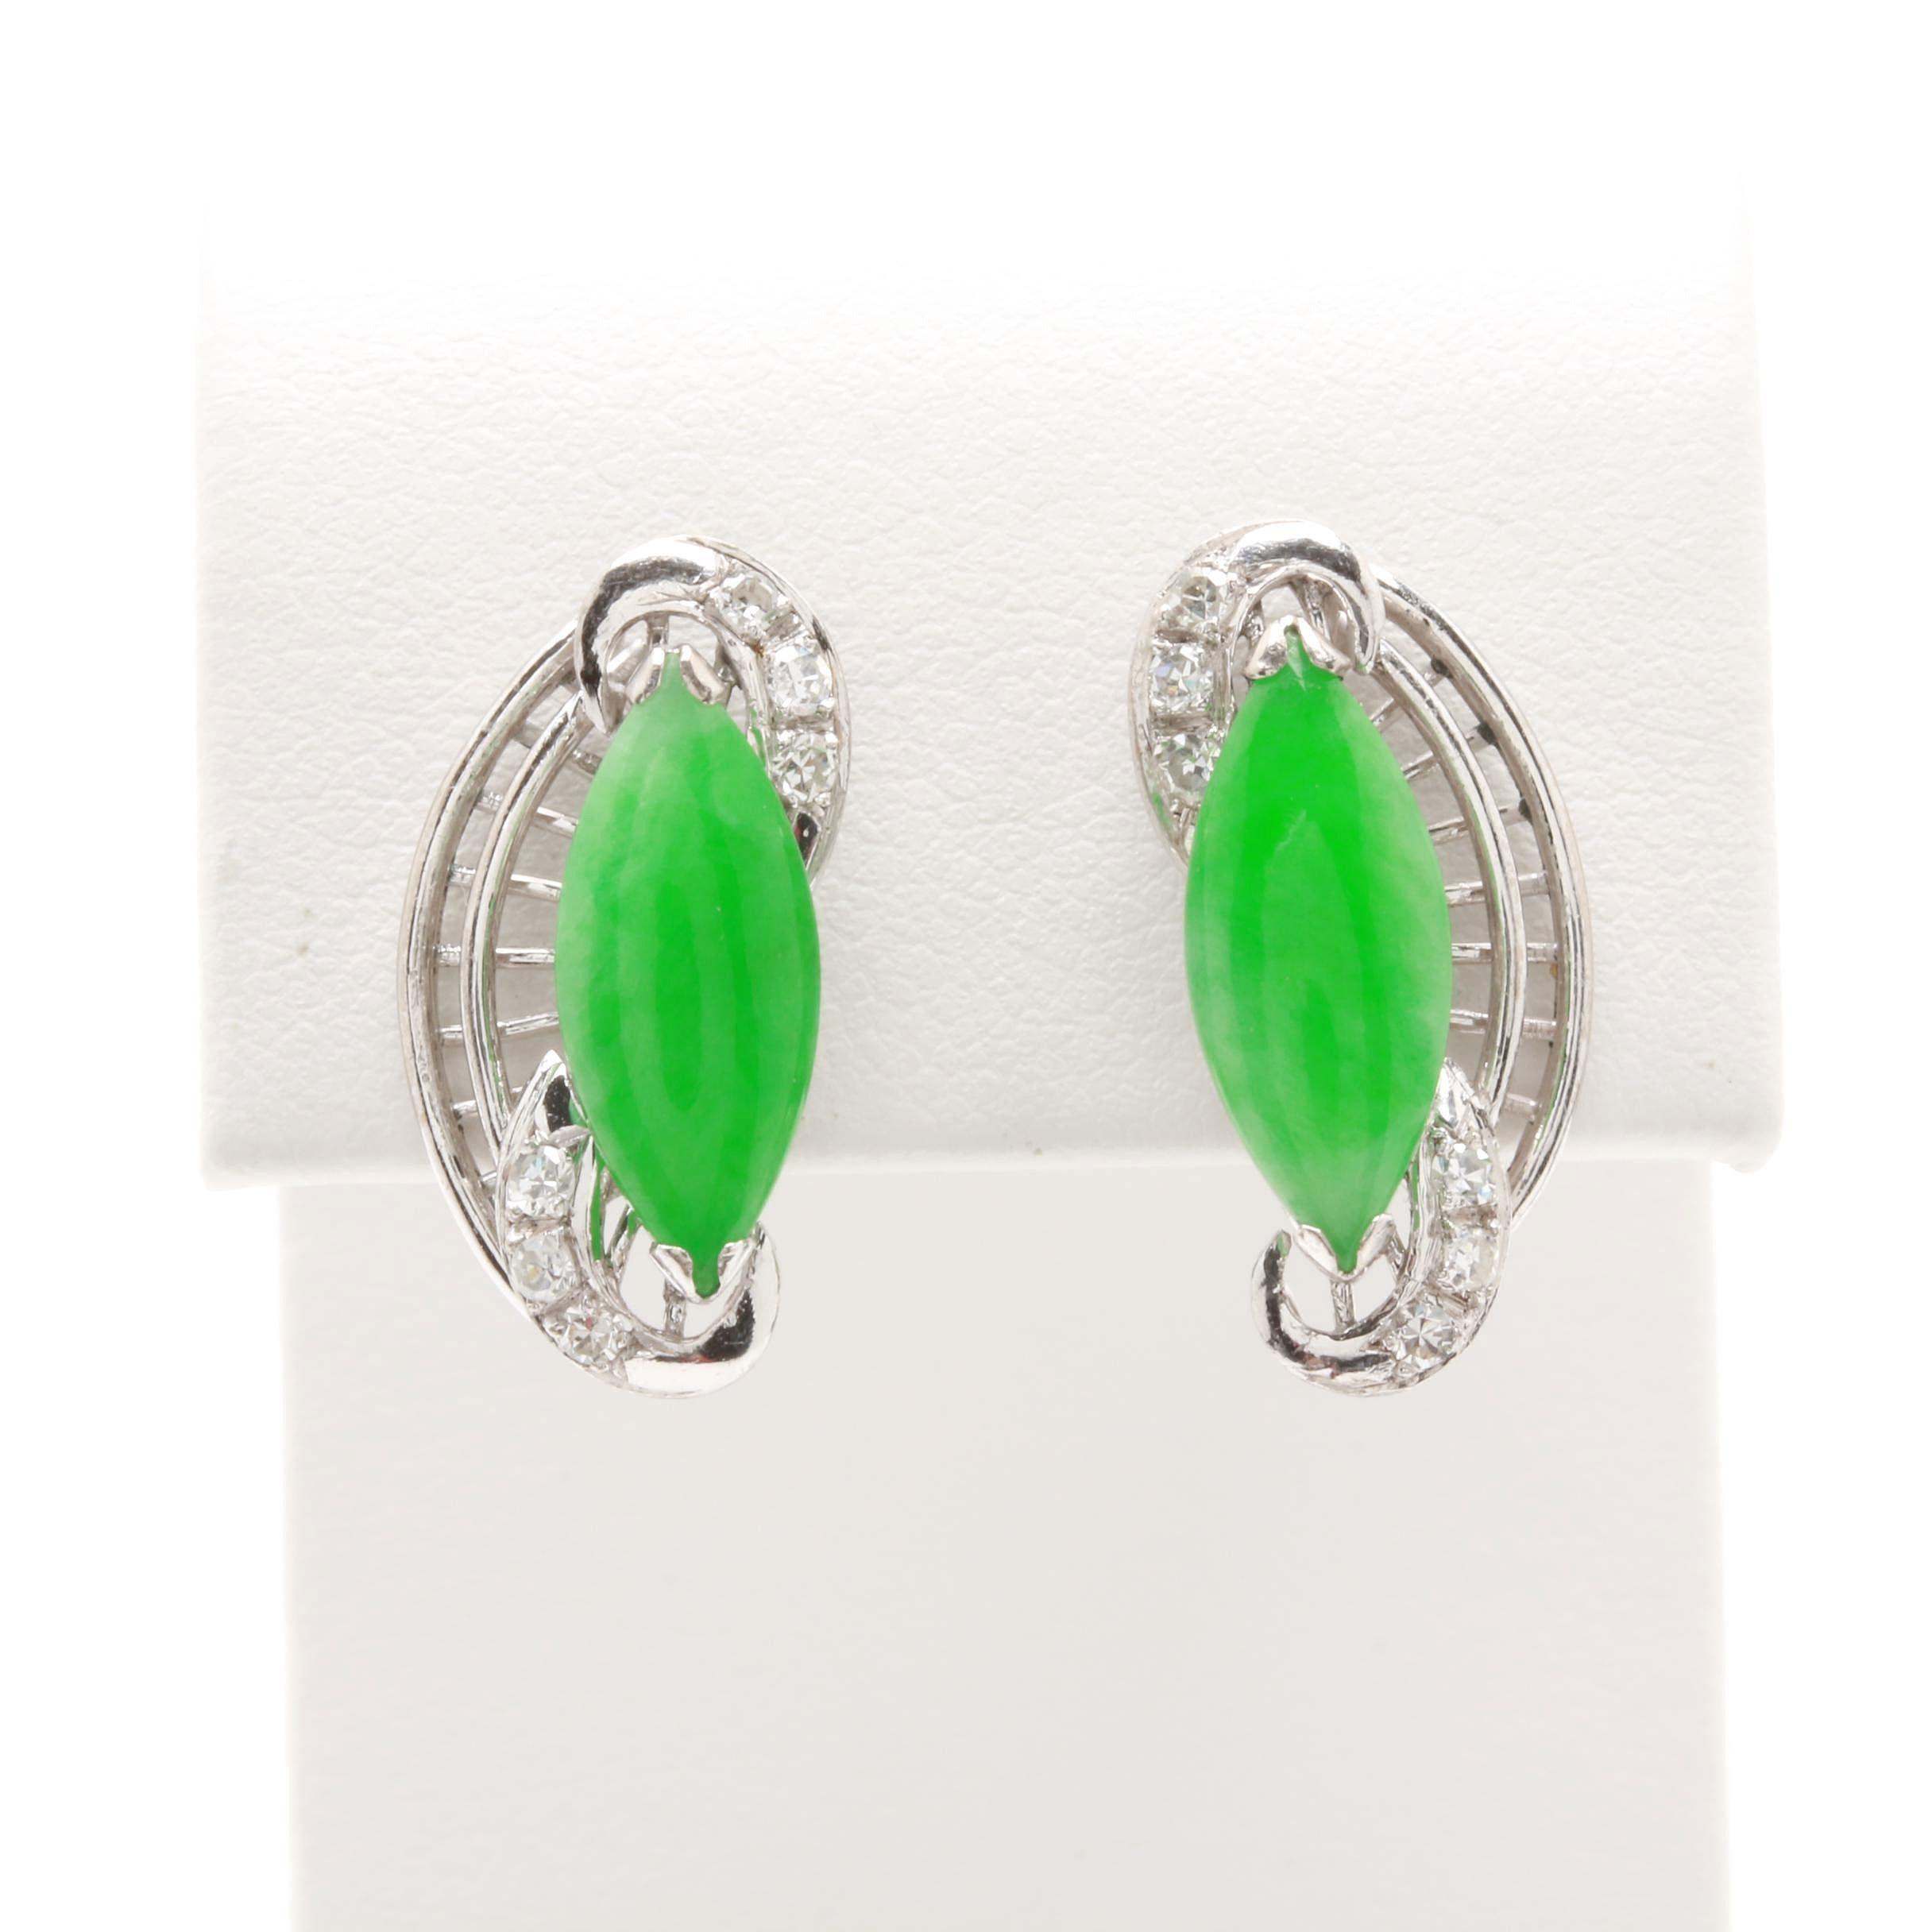 10K White Gold Jadeite and Diamond Earrings